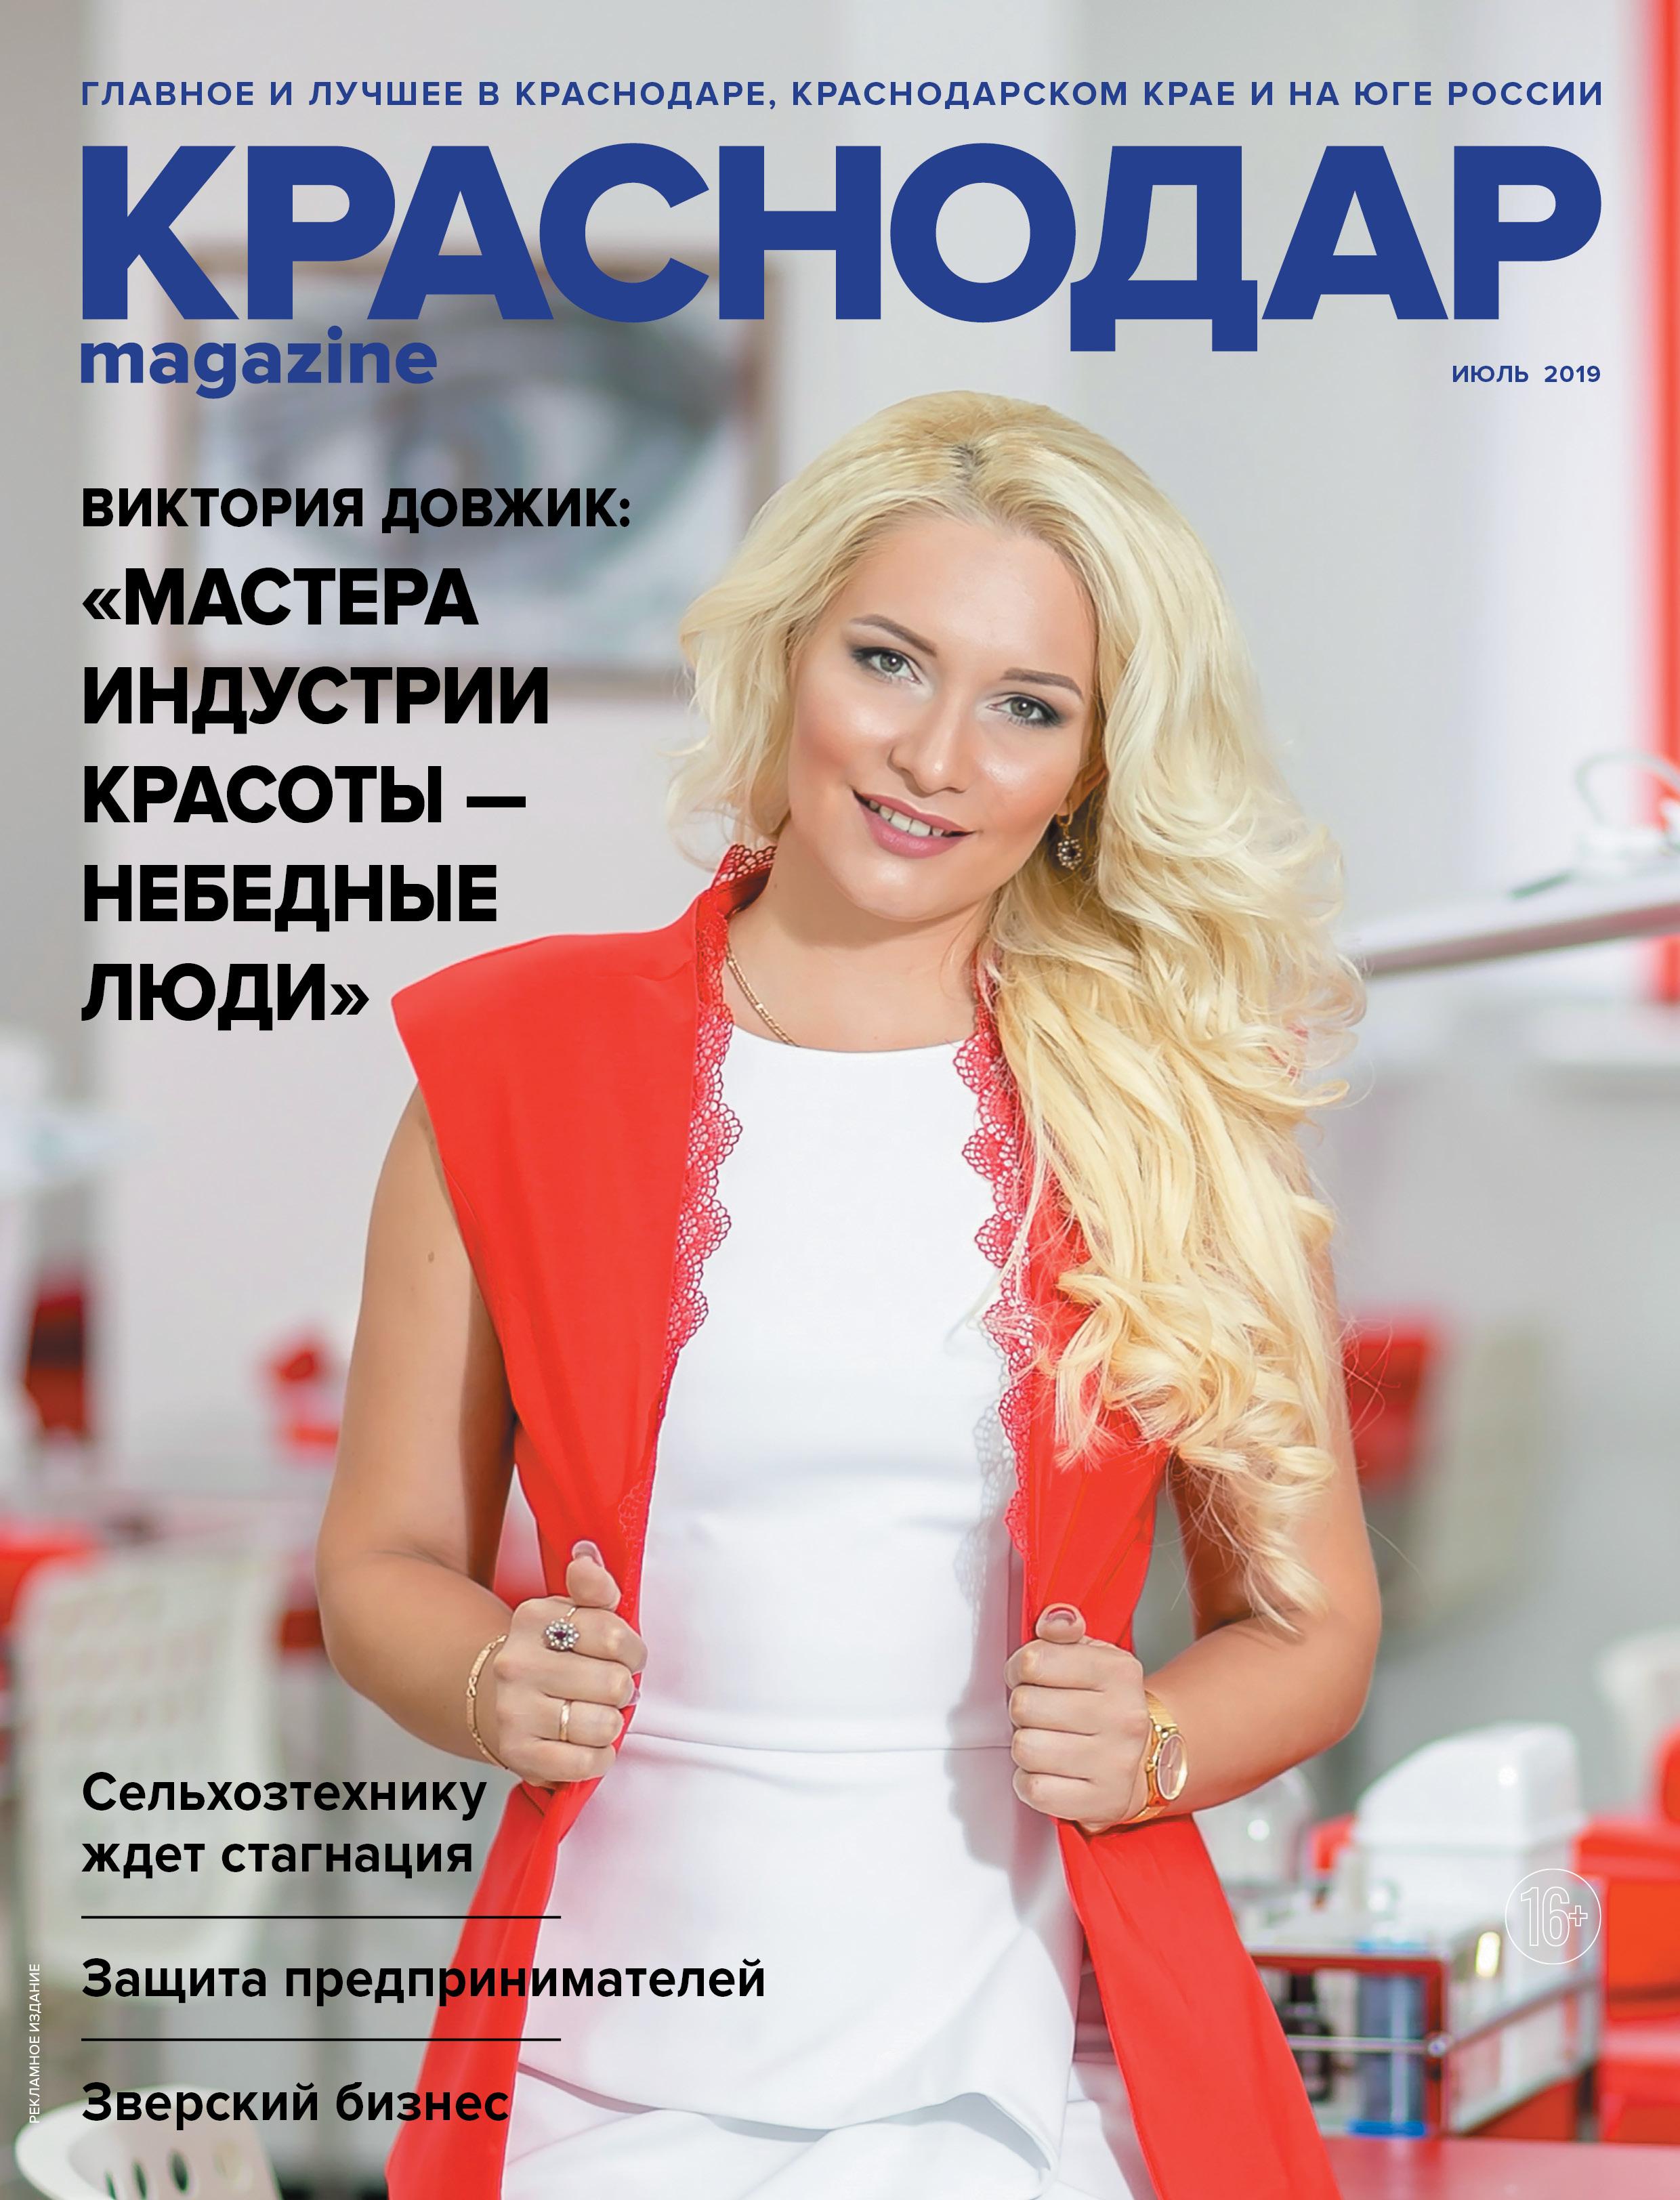 Краснодар Magazine №76 июль 2019